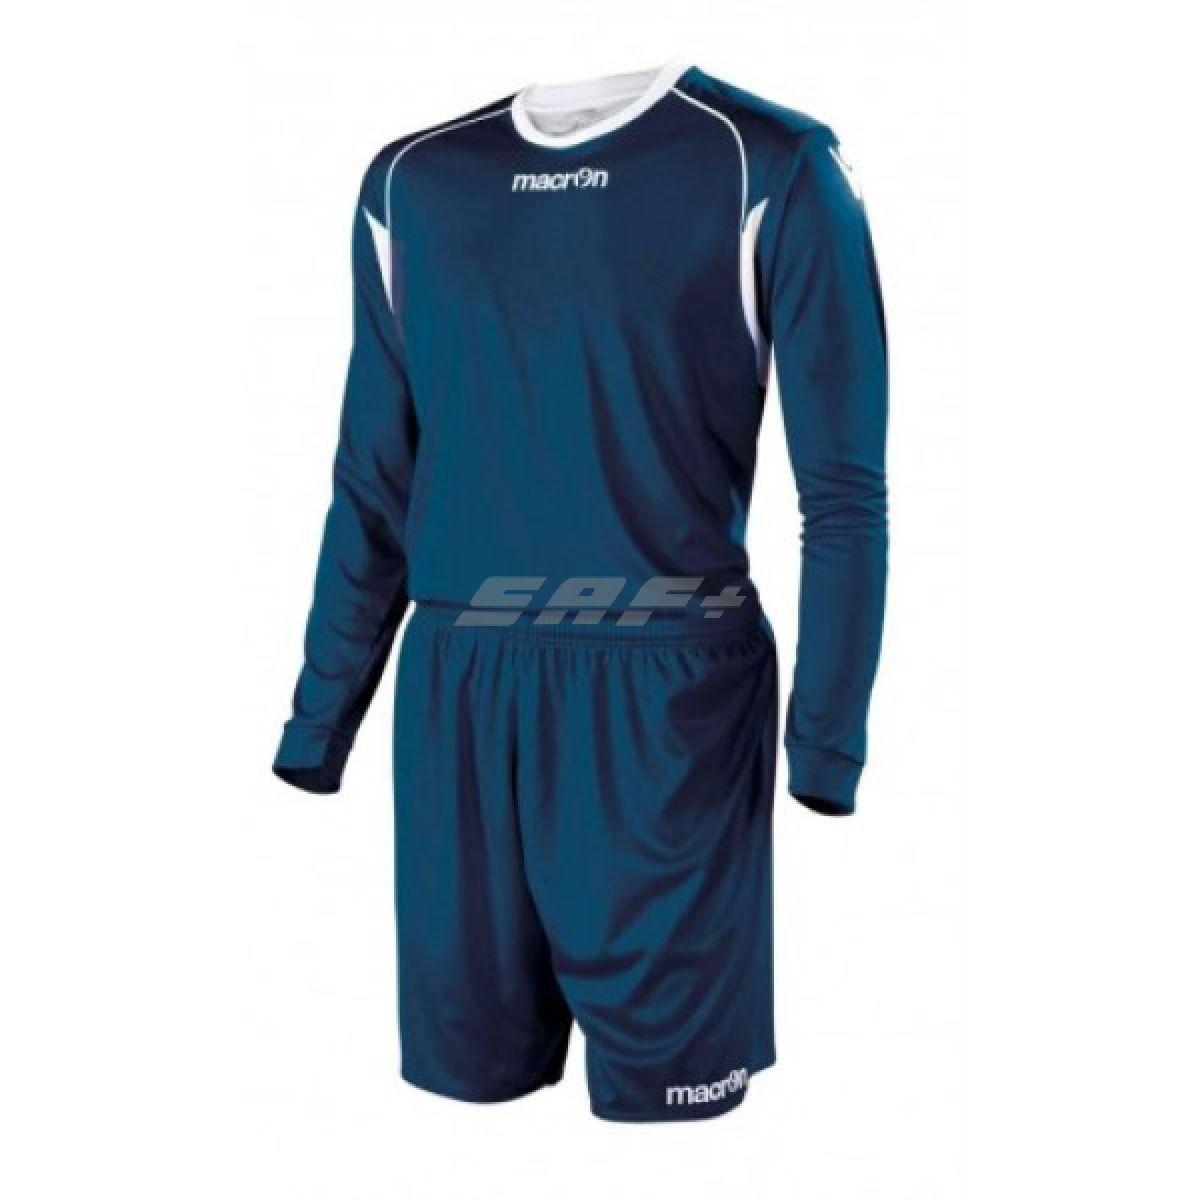 Комплект футбольной формы MACRON Vesta д/р